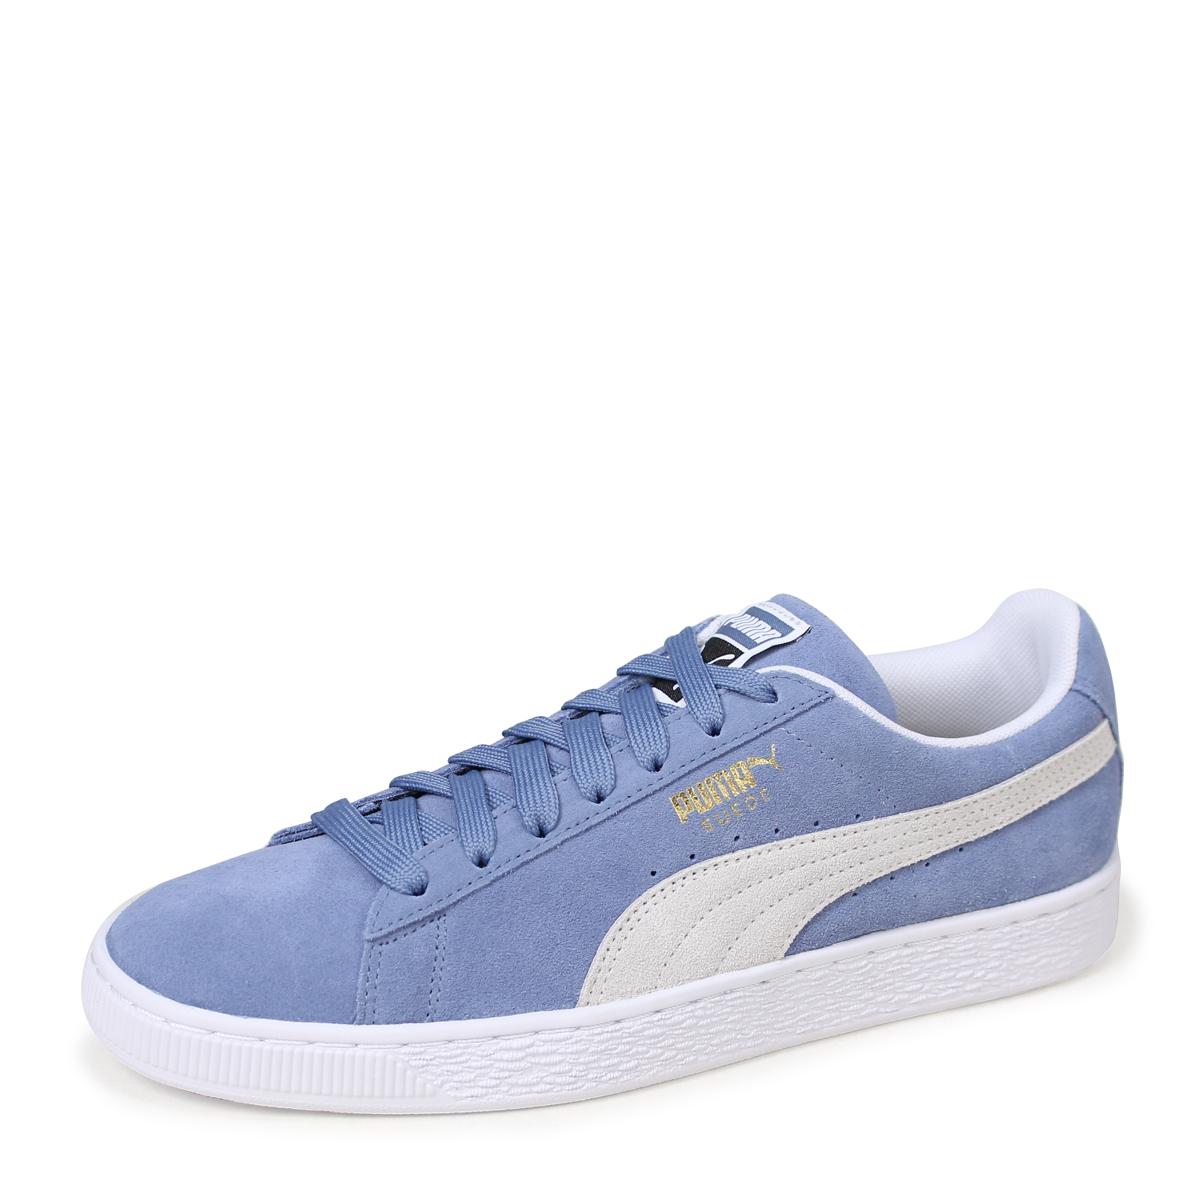 e62695cce6e6d3 ALLSPORTS  PUMA SUEDE CLASSIC Puma suede classical music sneakers ...